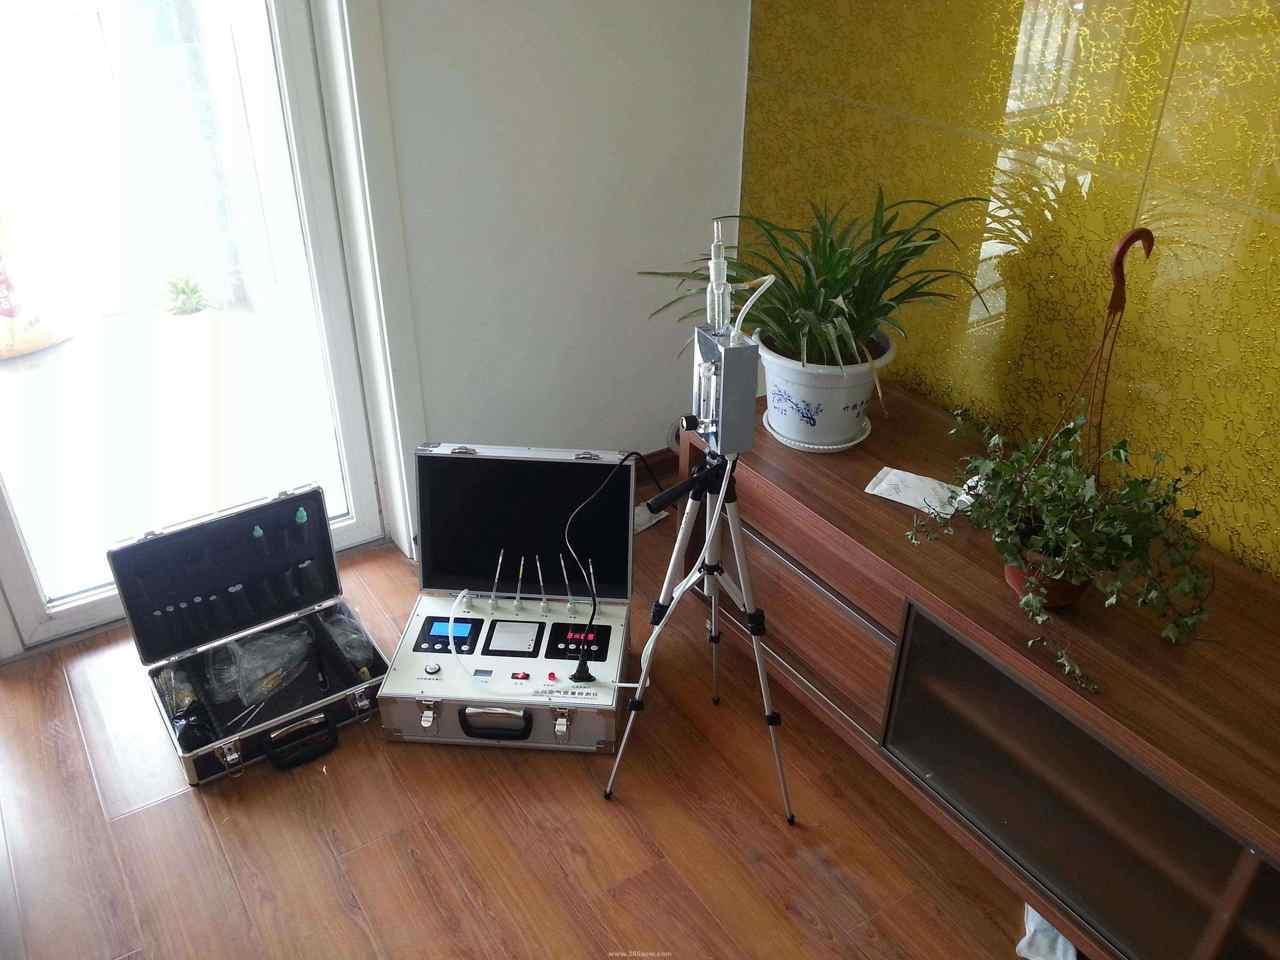 成都室内空气检测:专业CMA检测机构如何测甲醛